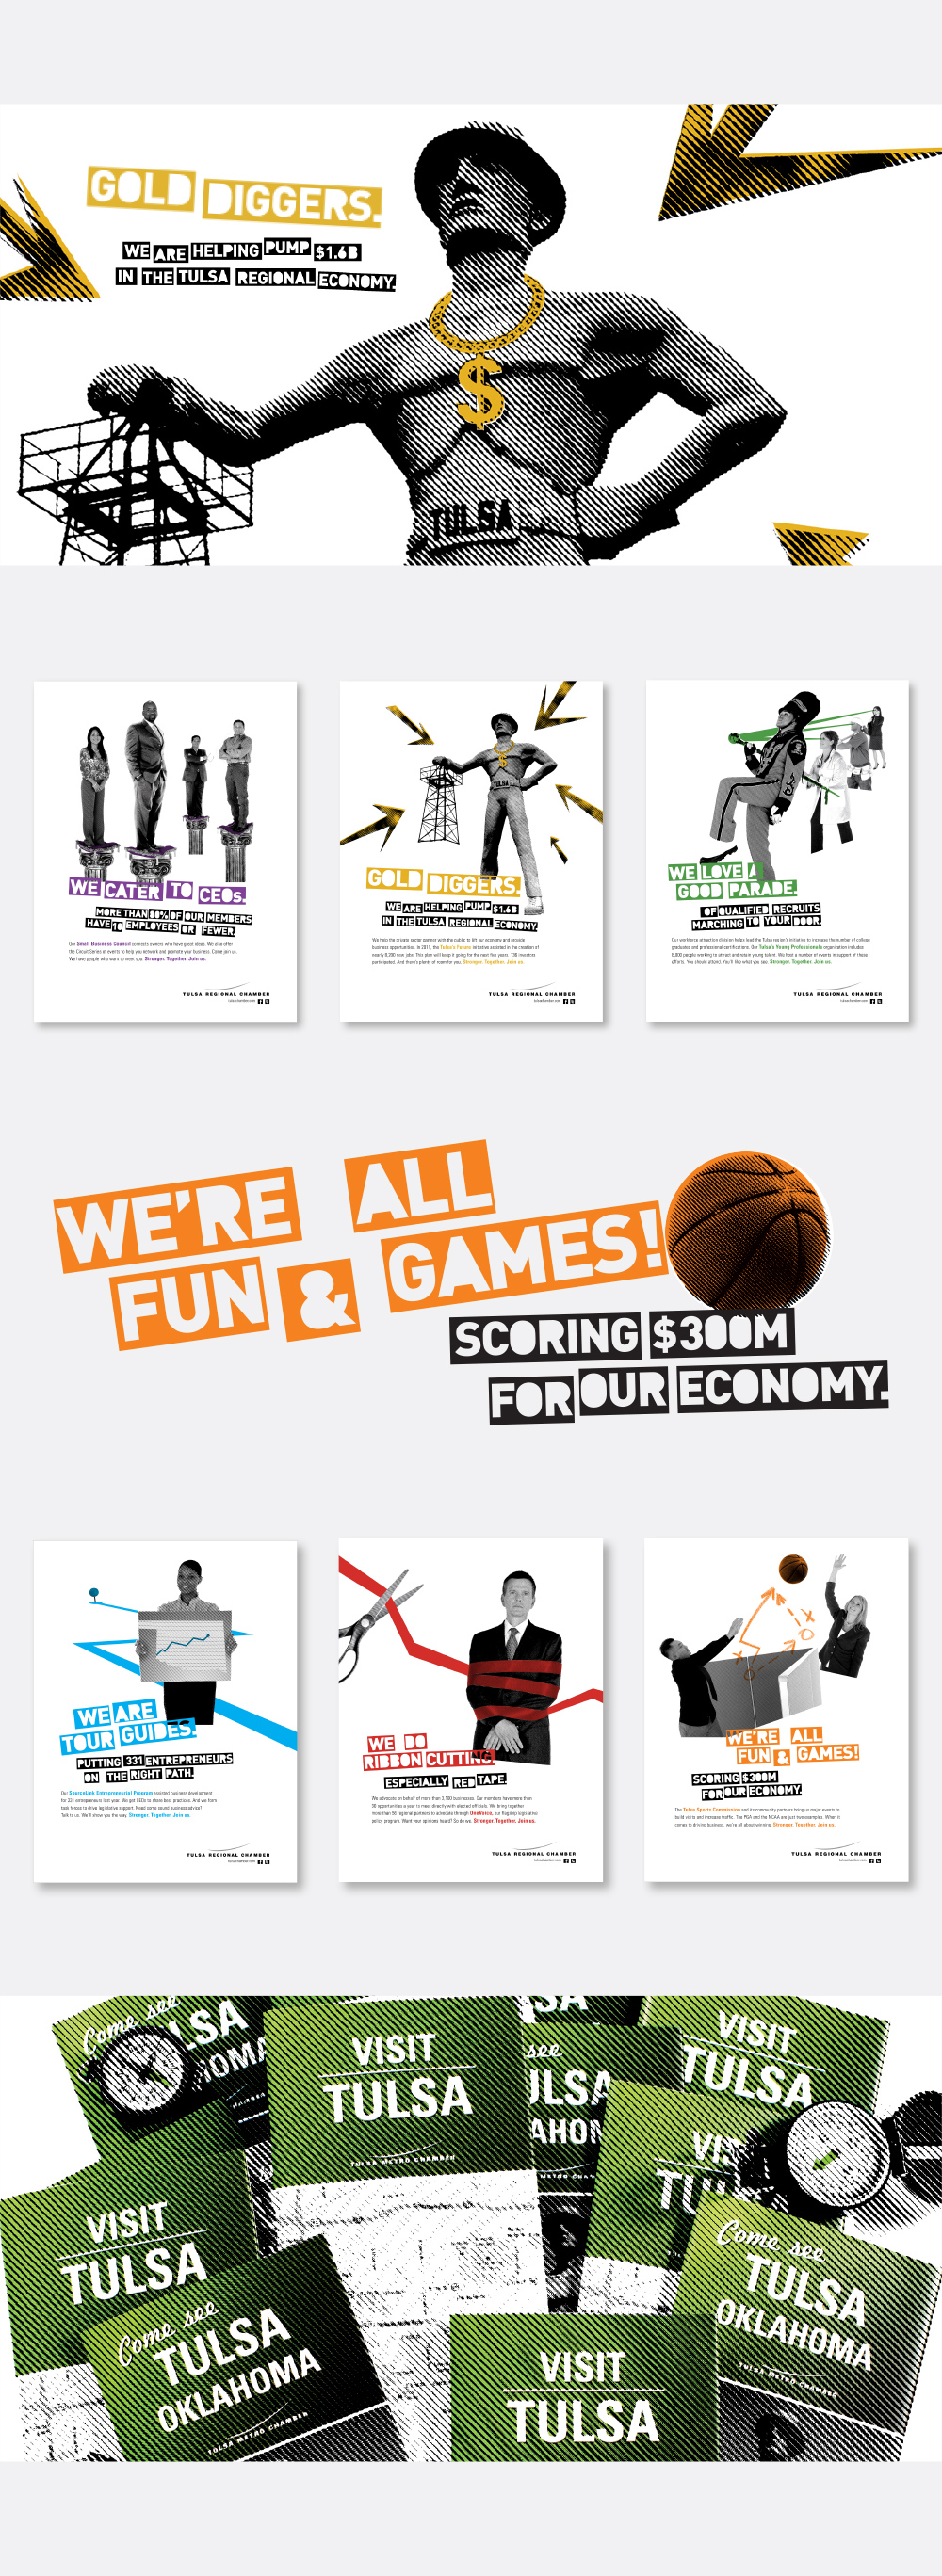 TMC_2_Advertising-Campaign